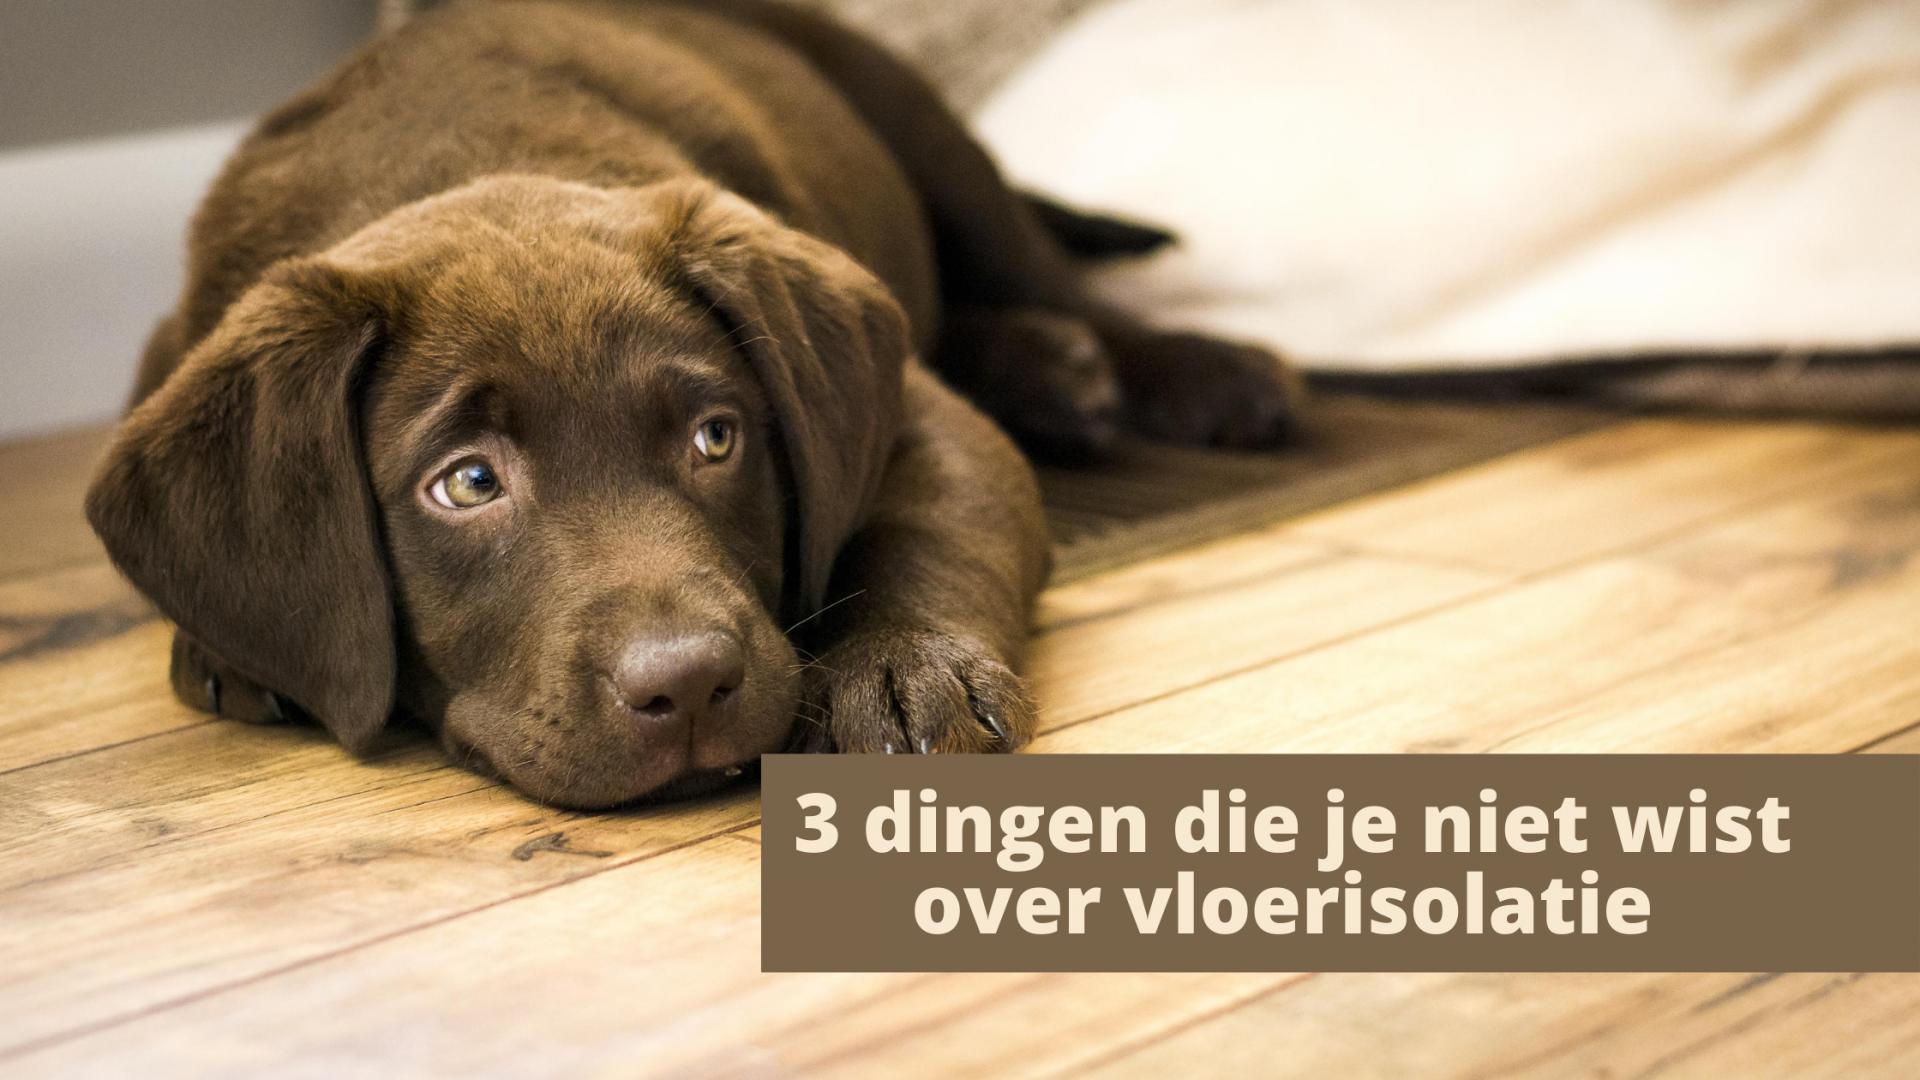 3 dingen die je niet wist over vloerisolatie